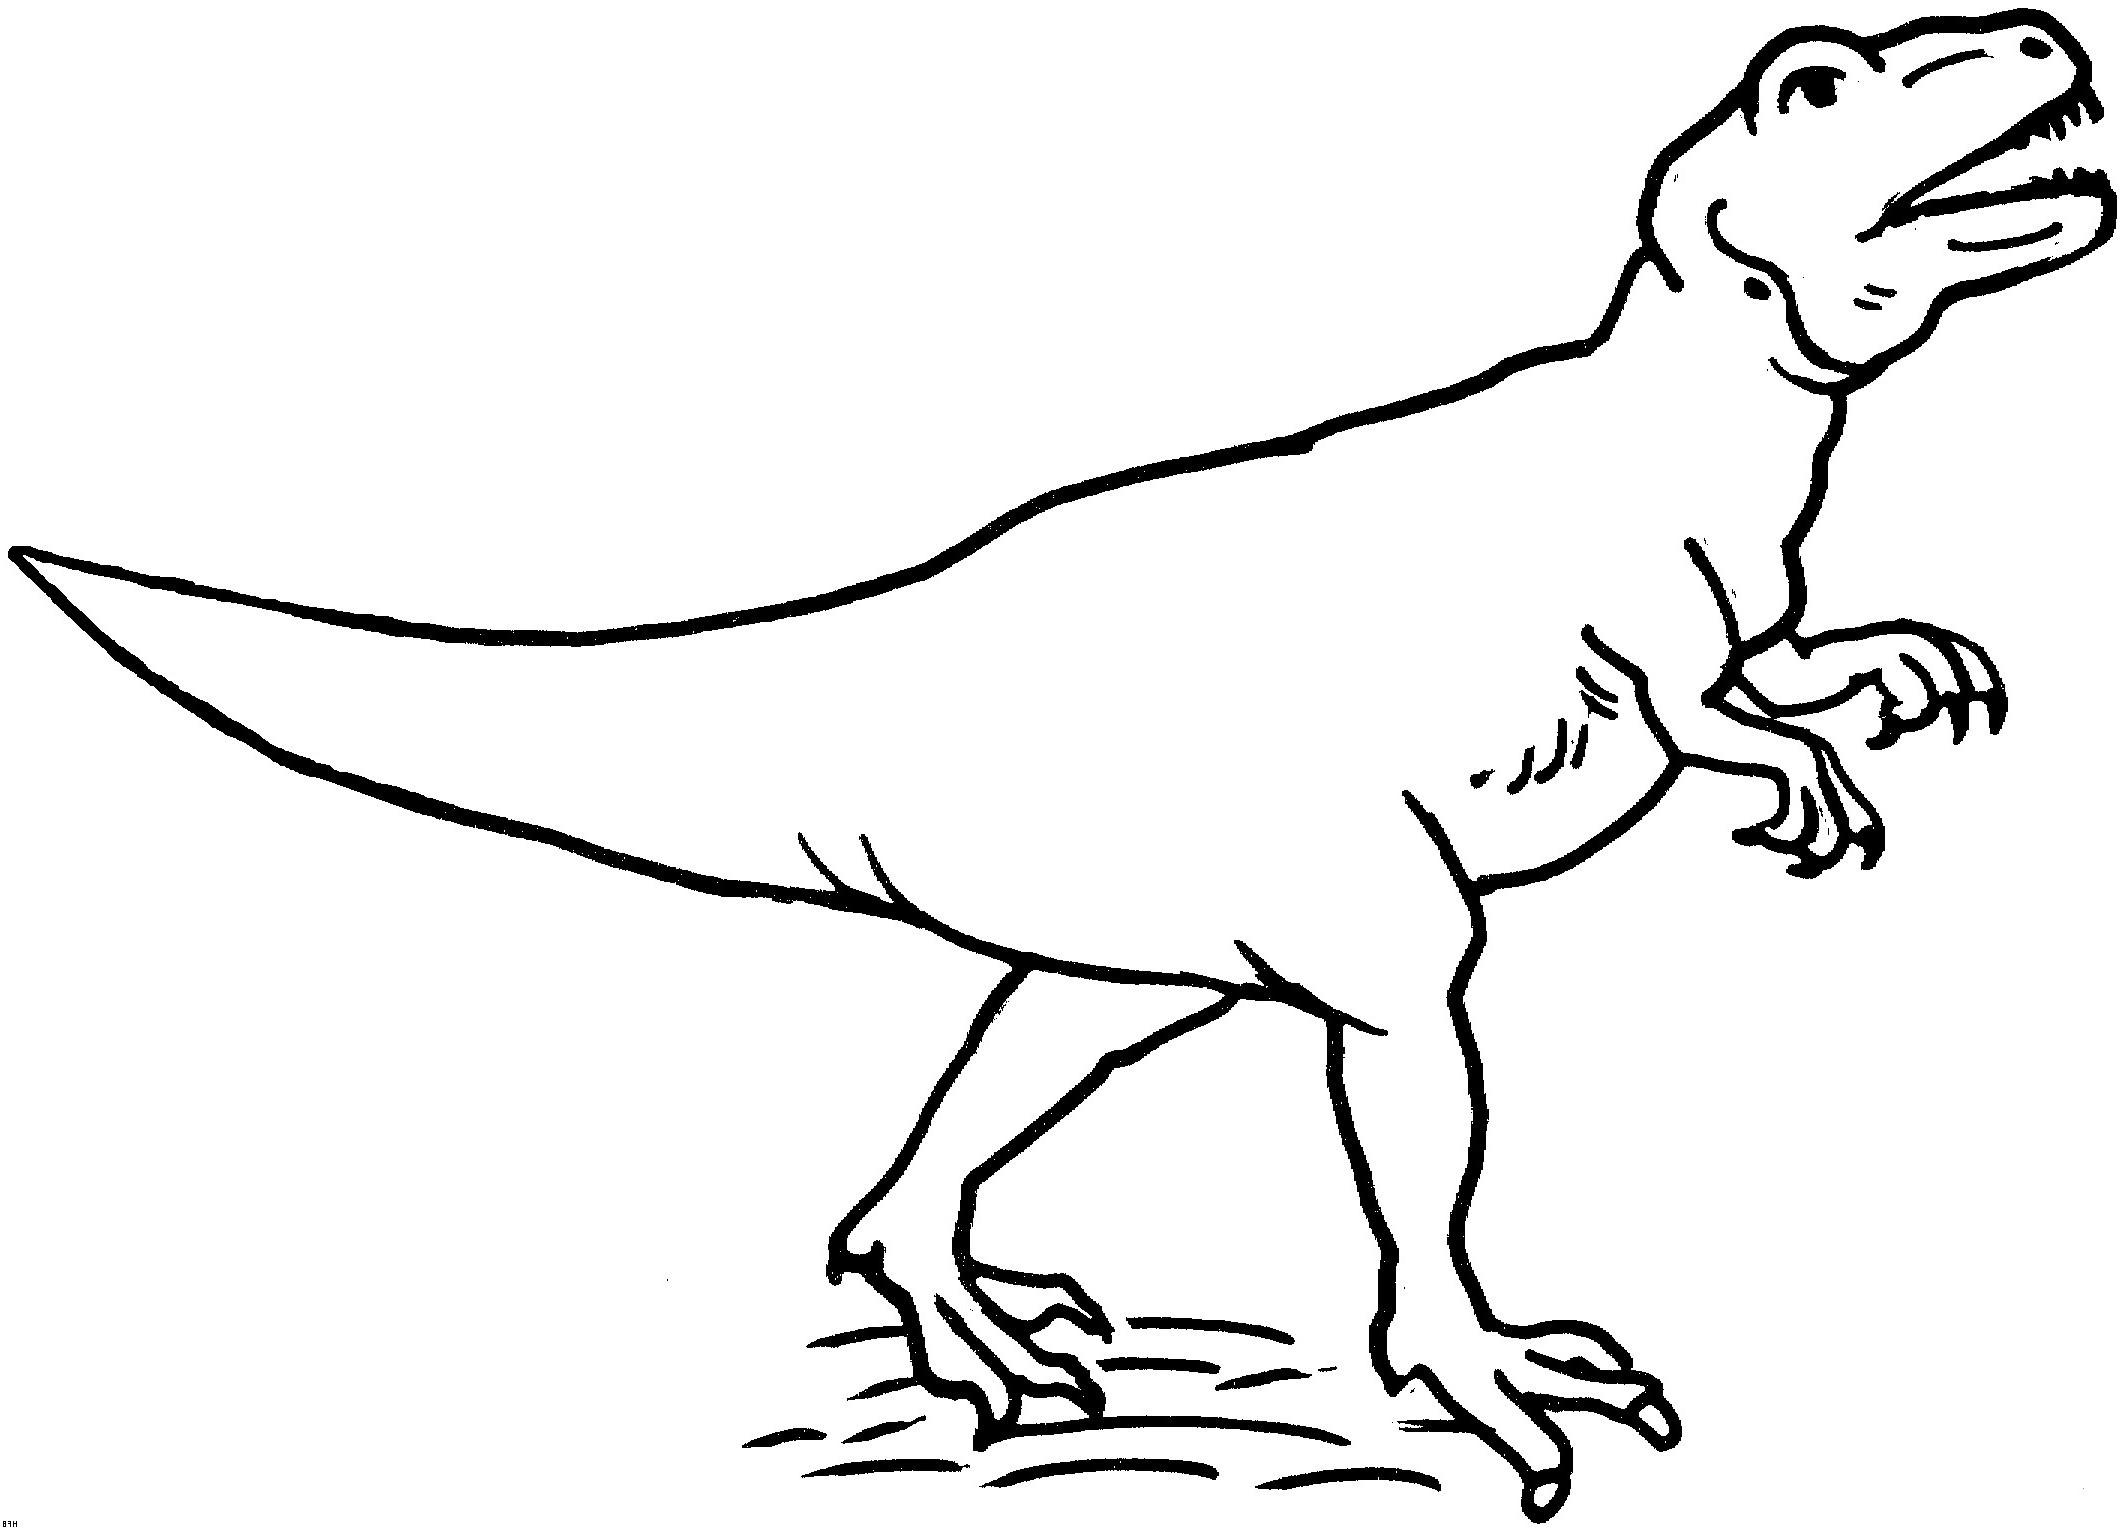 Tyrannosaurus Rex Ausmalbild Inspirierend 45 Fantastisch Ausmalbilder Traktor Fendt – Große Coloring Page Sammlung Sammlung